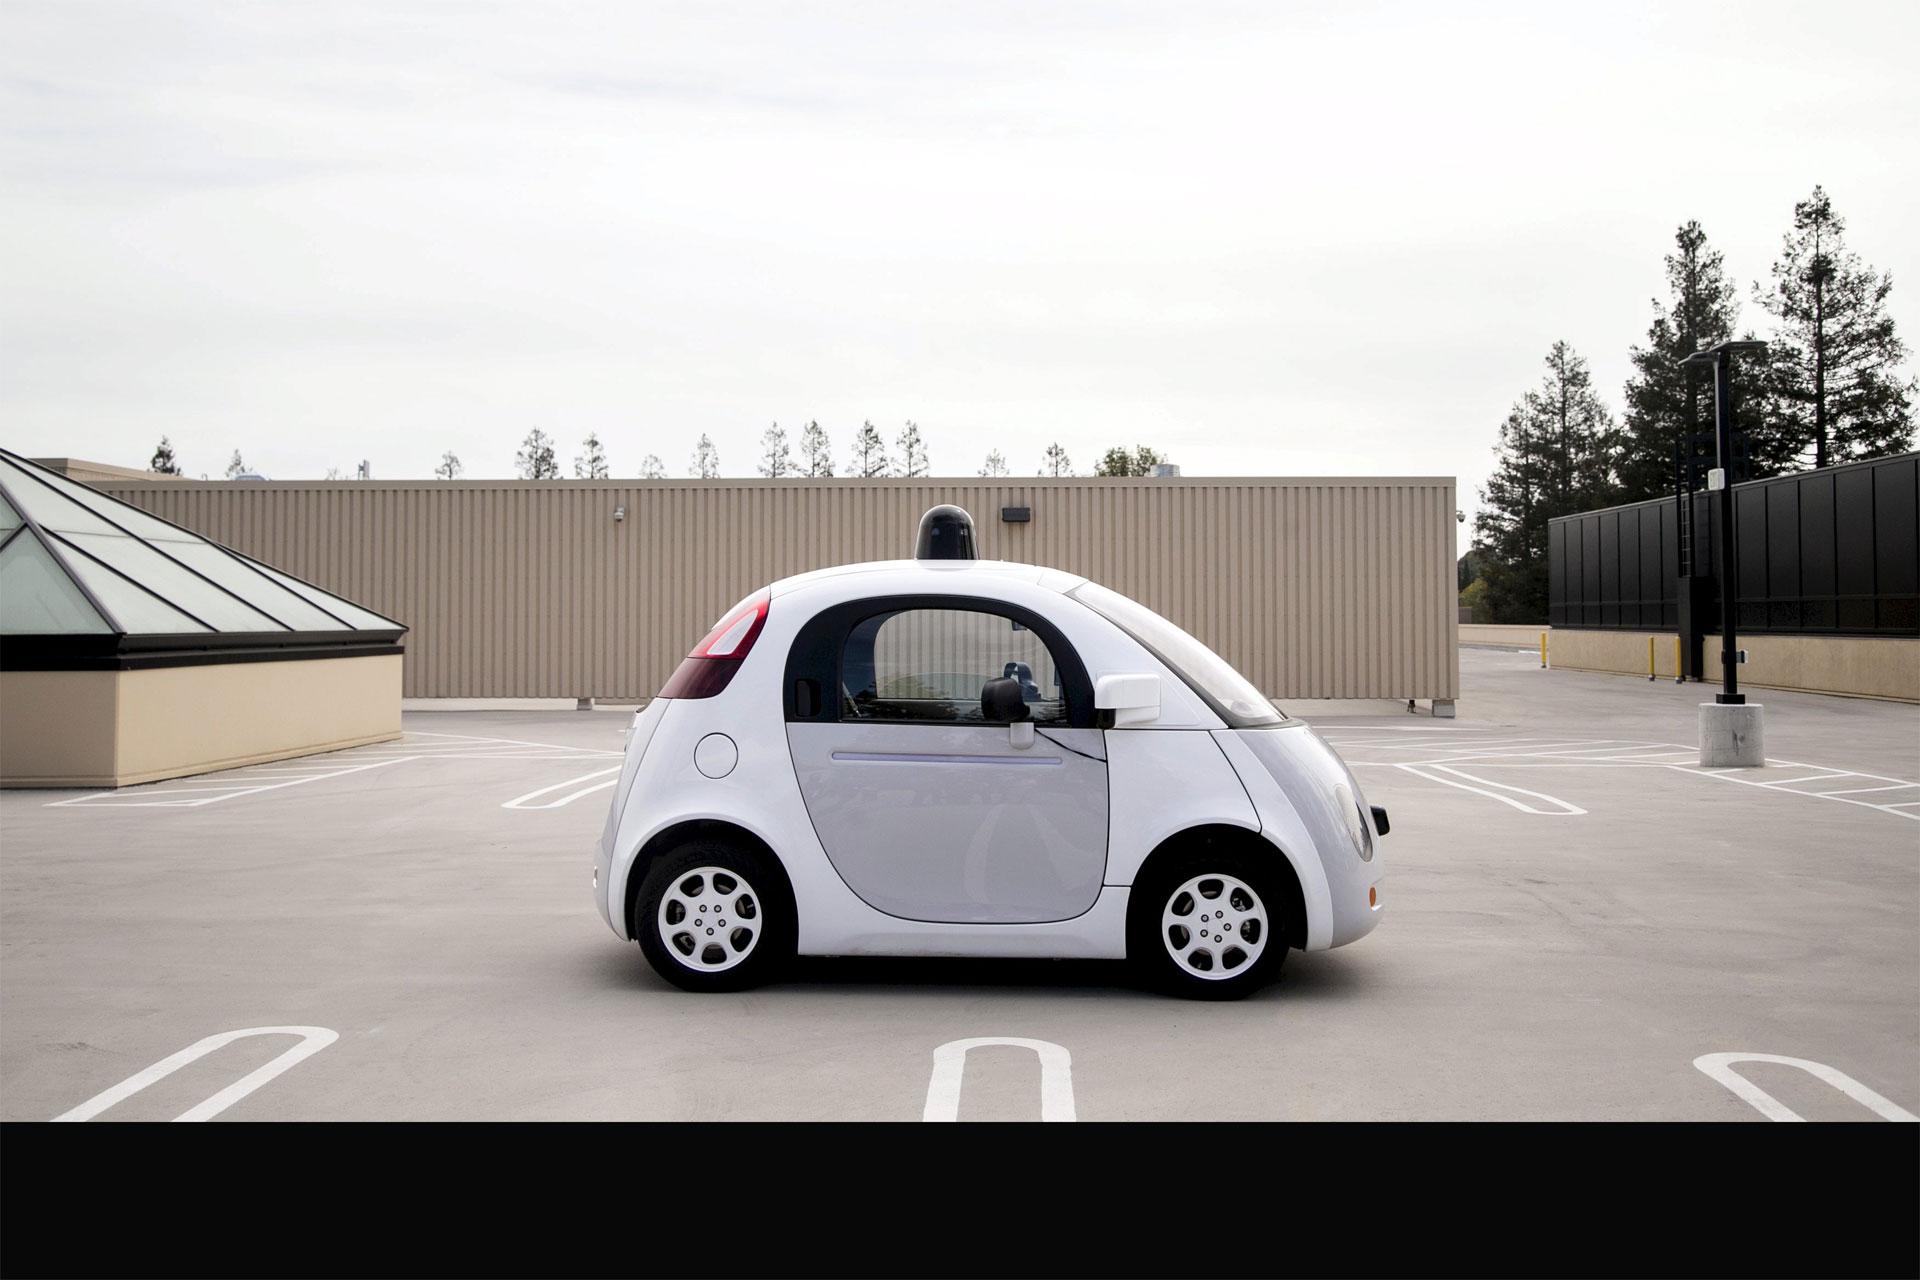 El buscador de Internet desea acelerar el proceso de tener en el mercado su carro autónomo para 2020